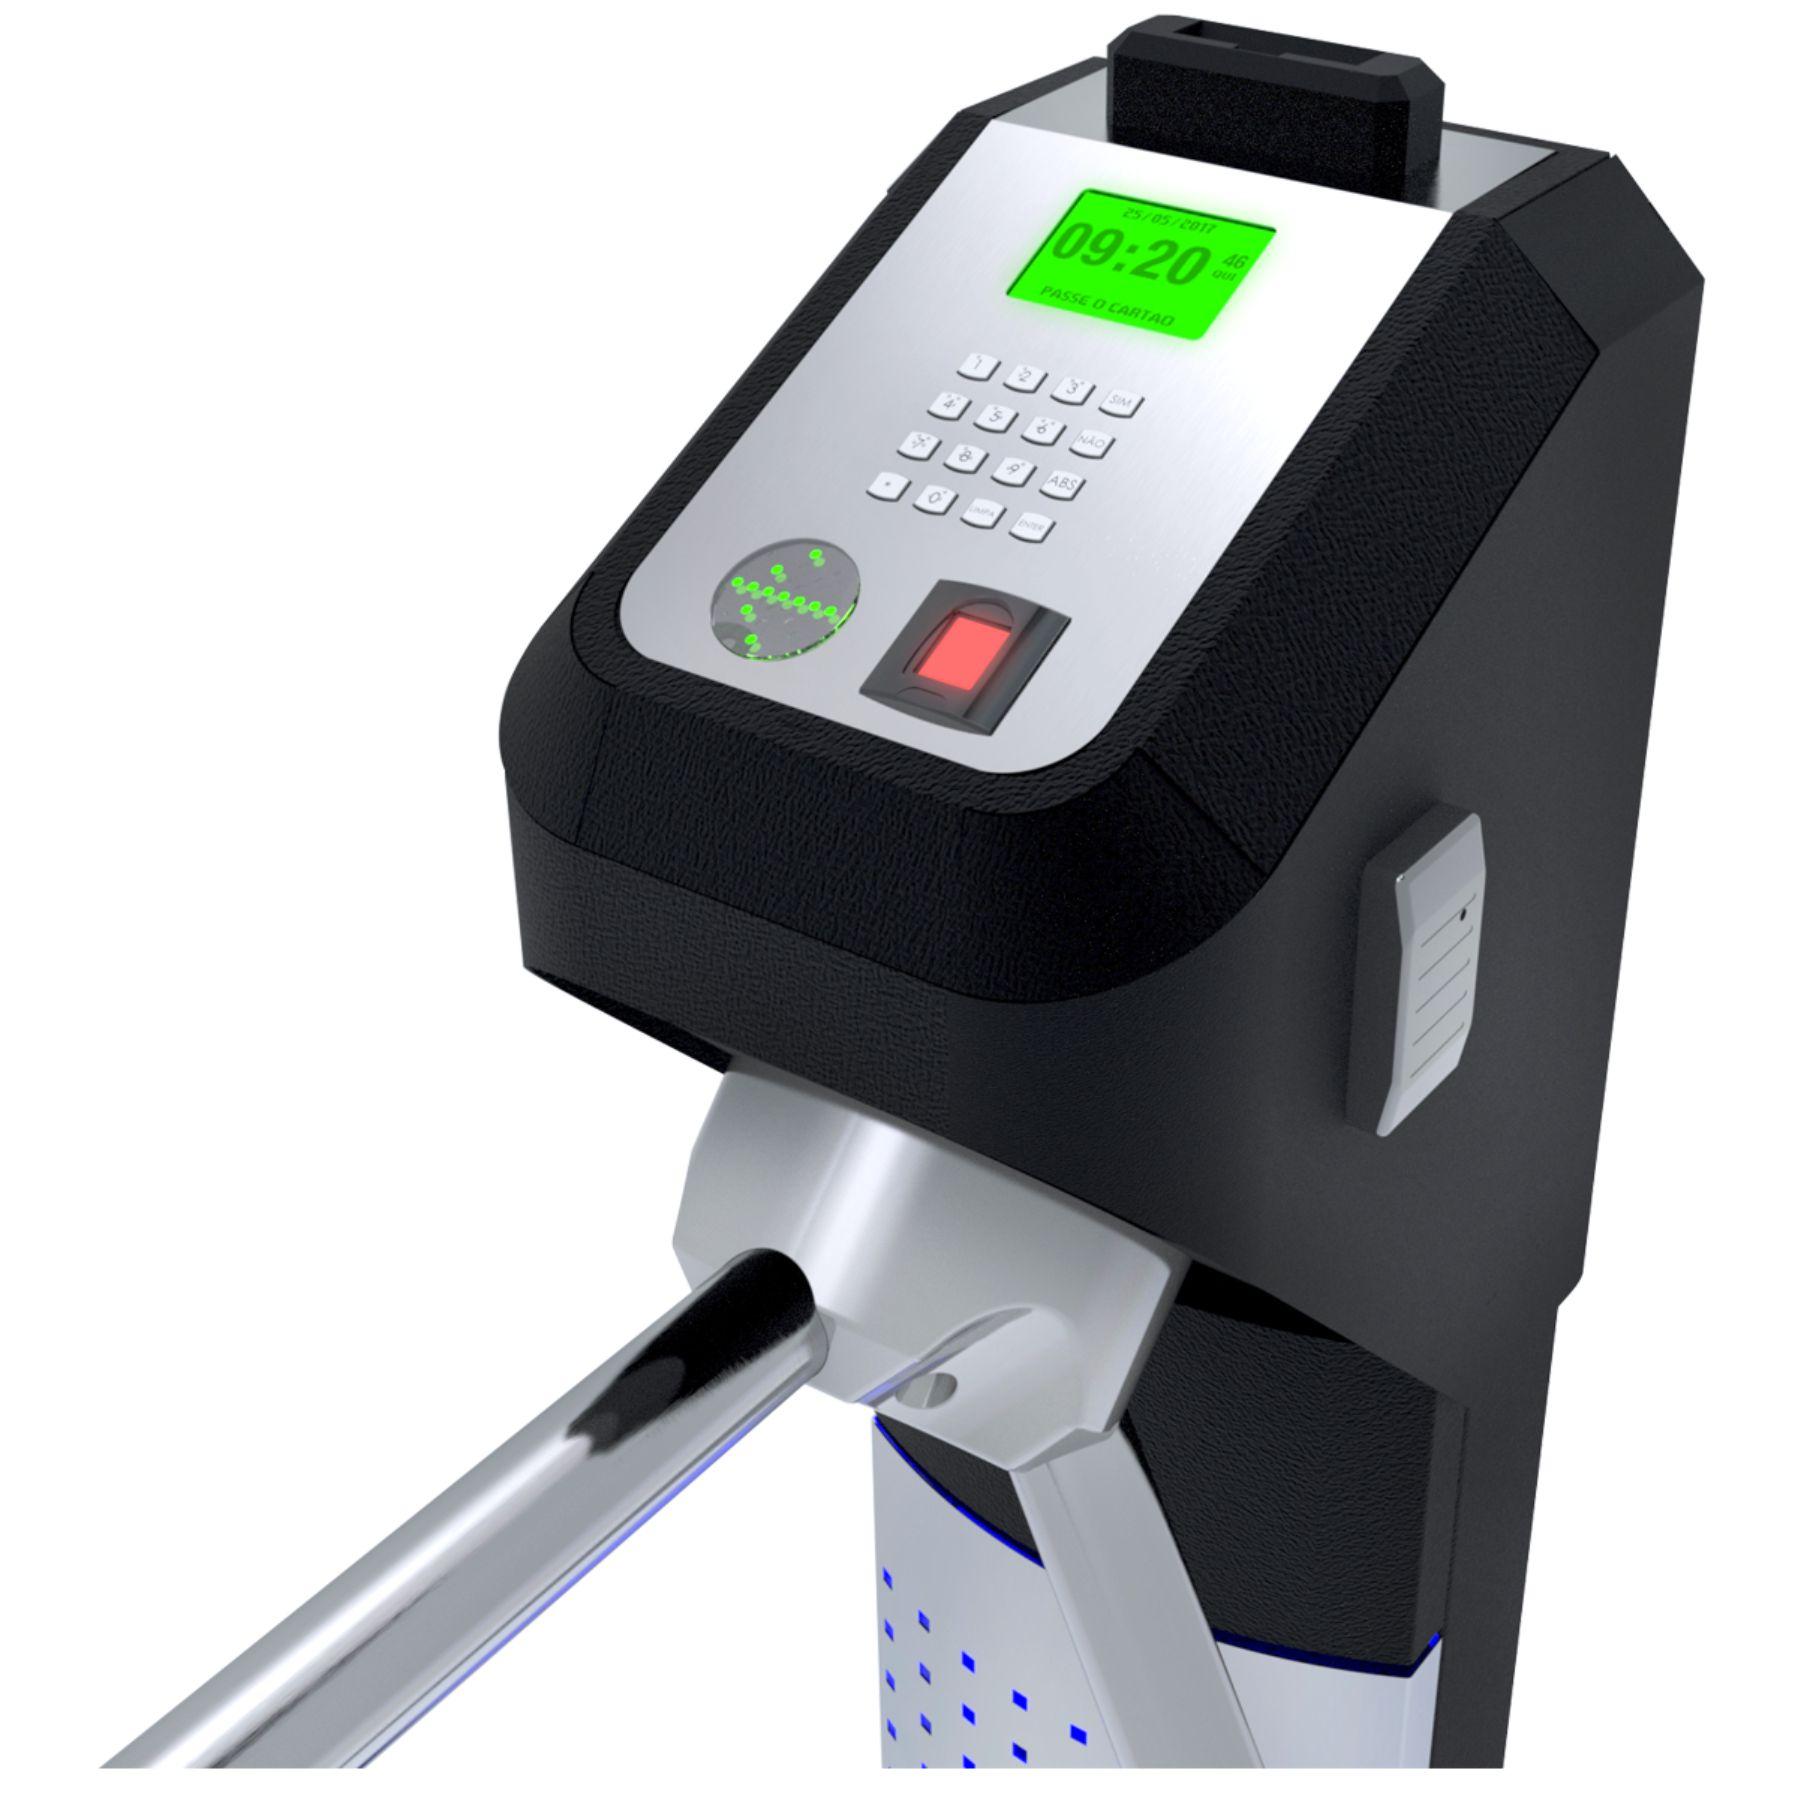 Catraca Lumen com Cofre Adv Biometria Proximidade e Software